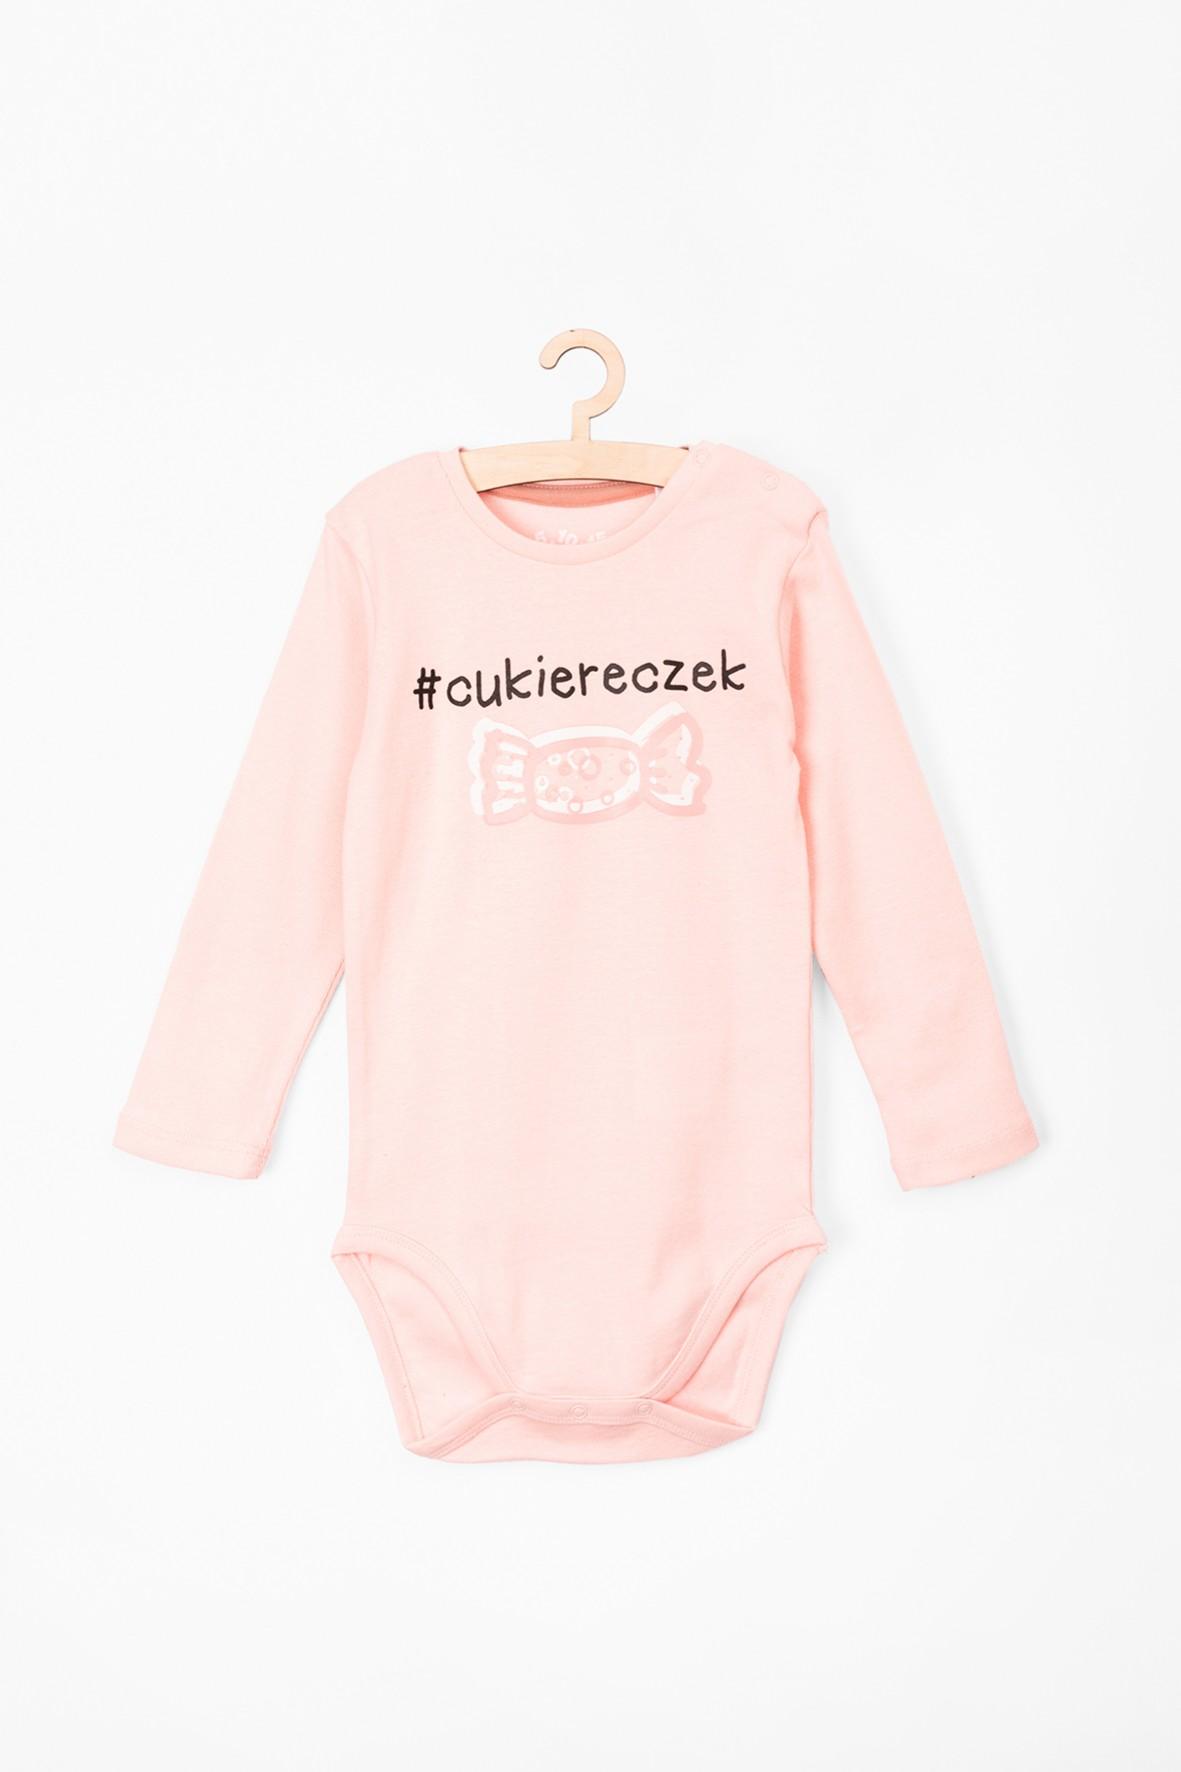 Body bawełniane dla niemowlaka różowe z napisem Cukiereczek